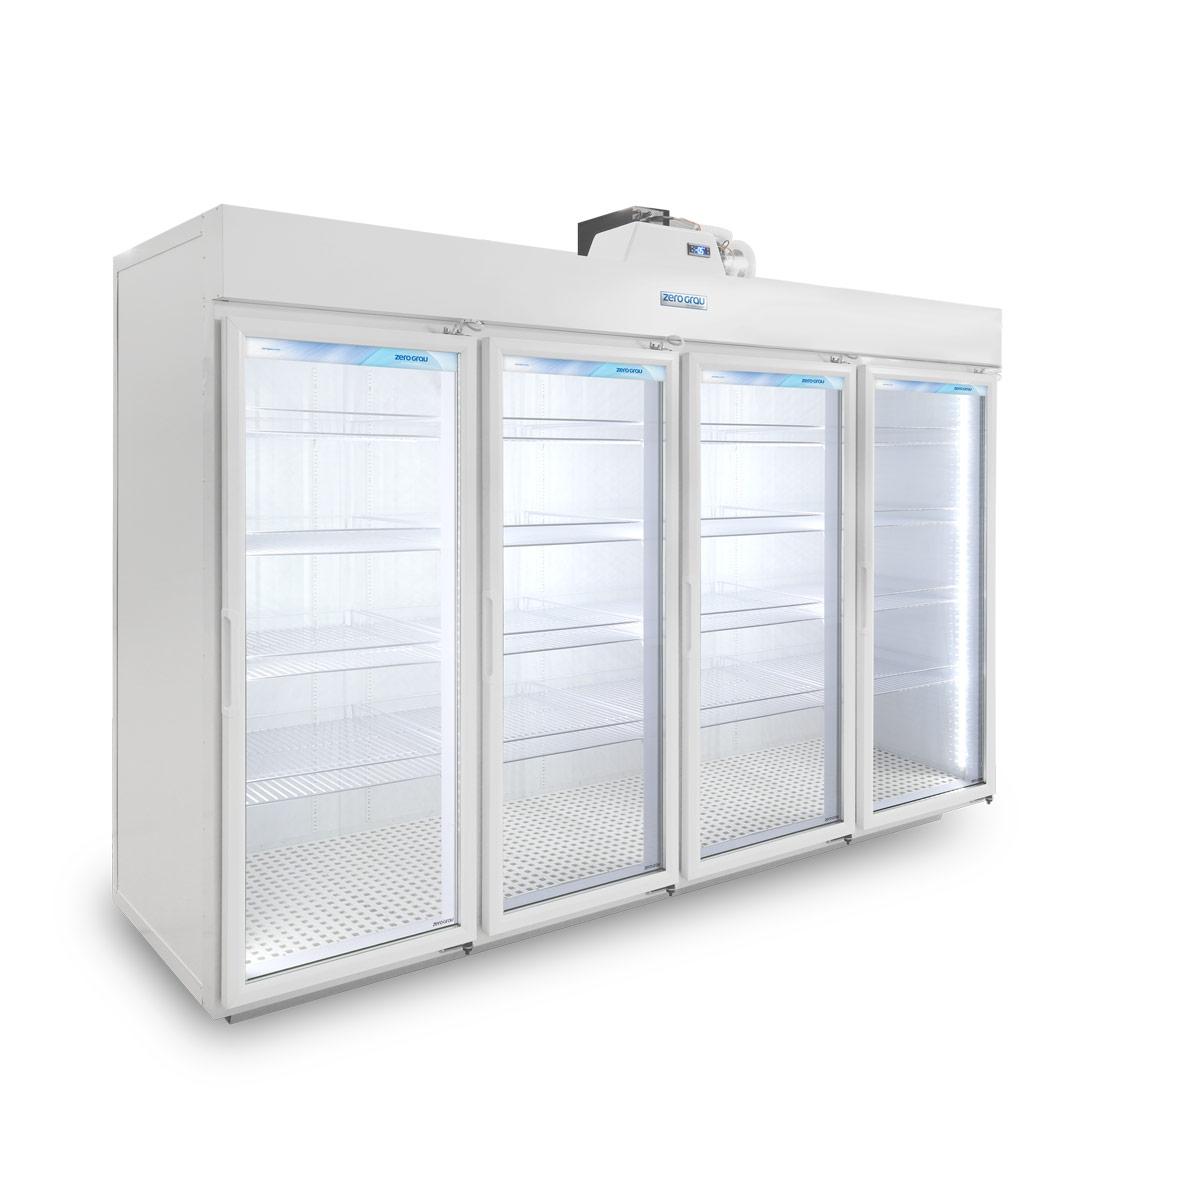 Expositor Modular 4 Portas para Resfriados - 3.290 Litros